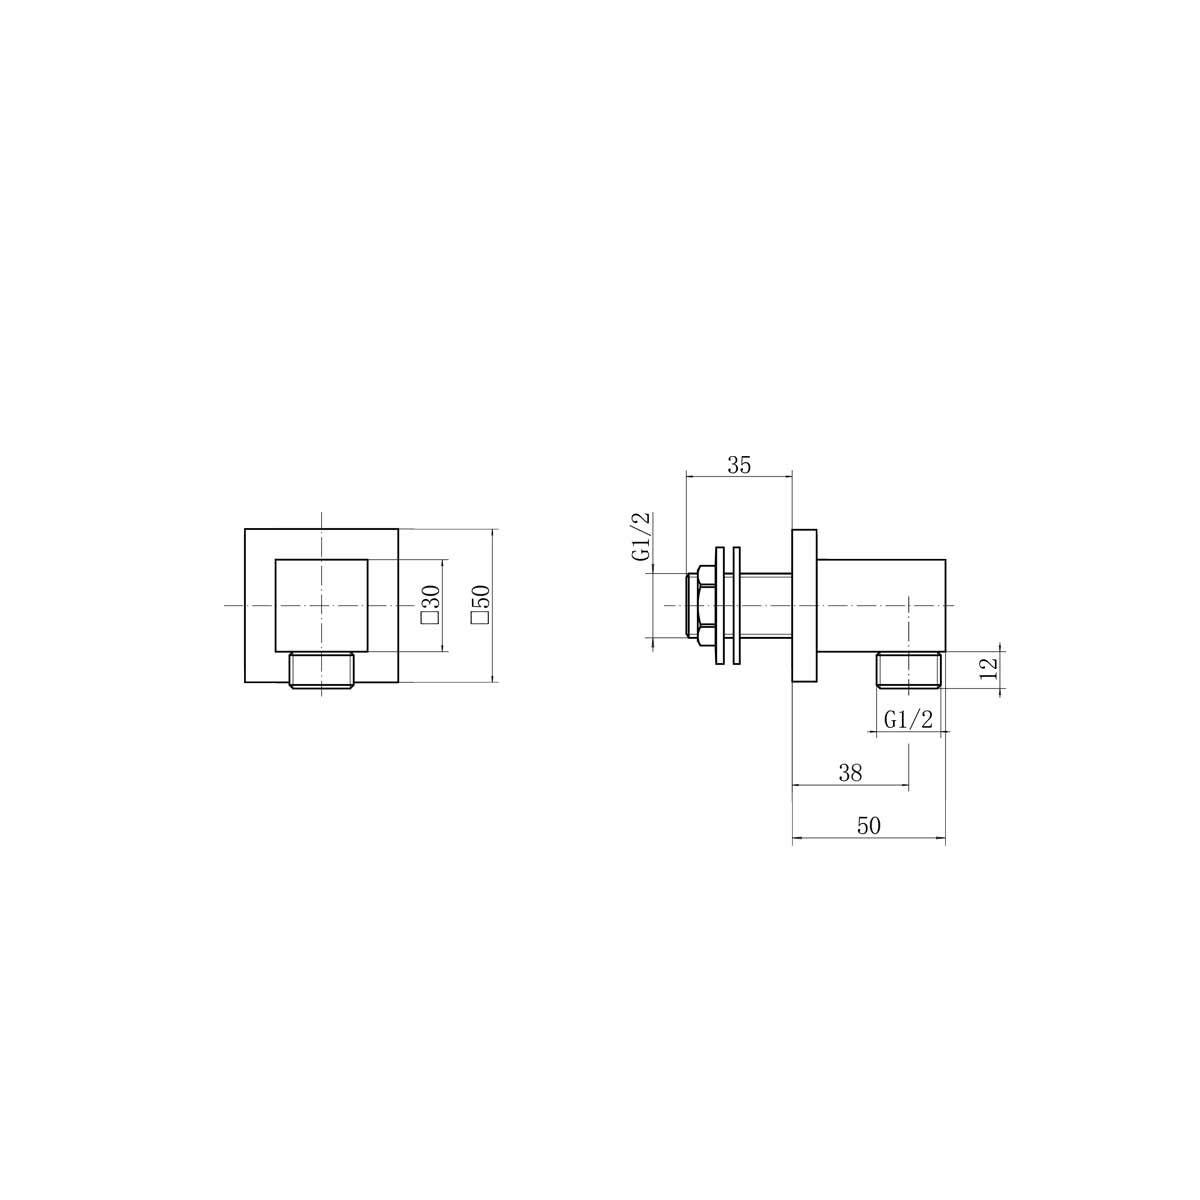 bordothermostatictripleconcealedshowervalvesystemwithfixedshowerheadtech1